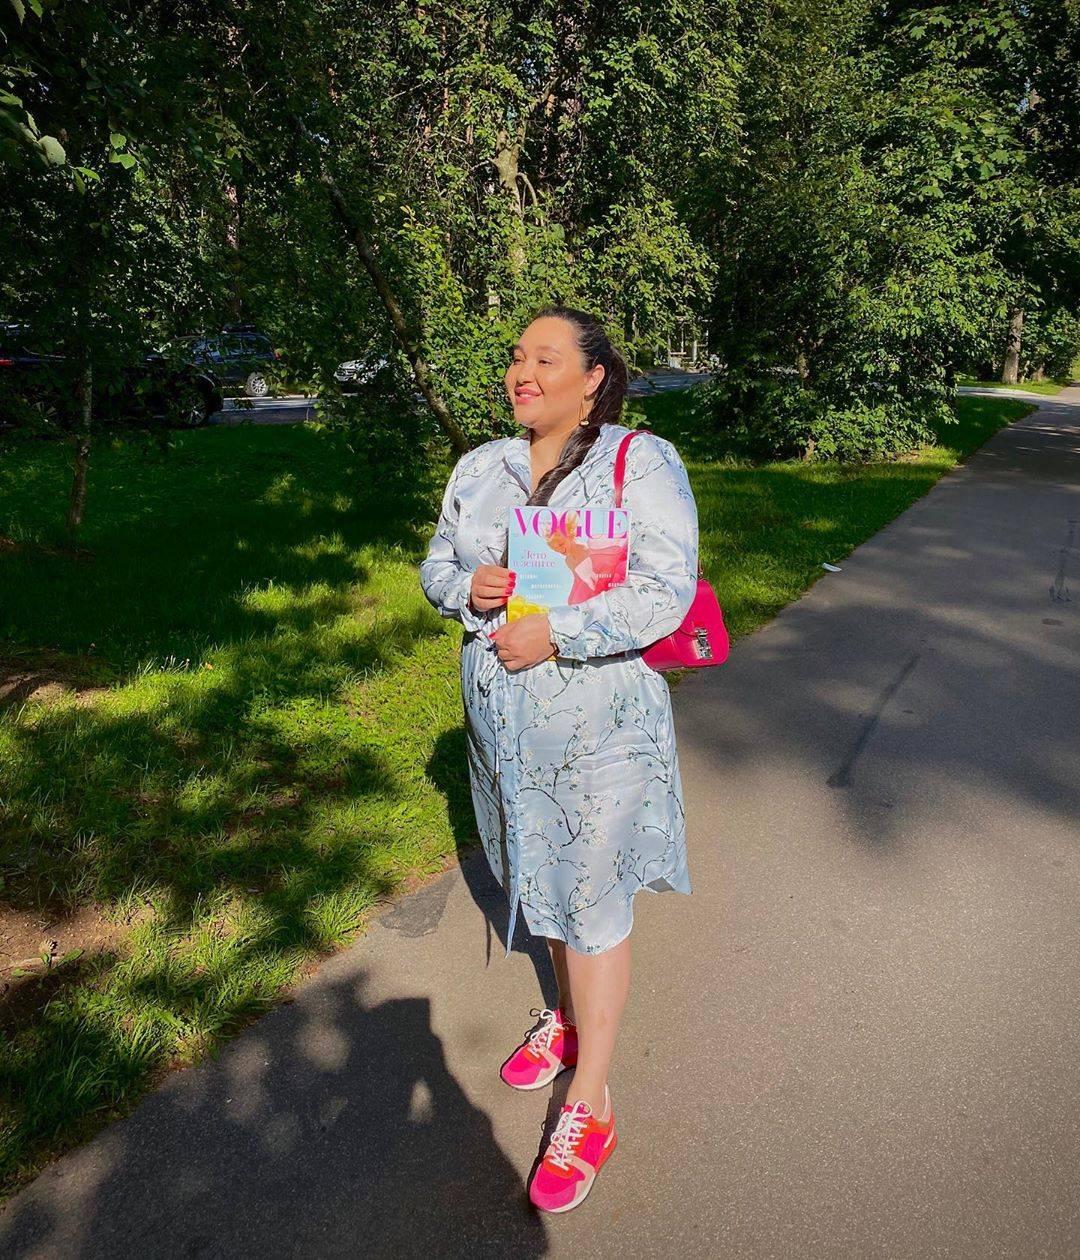 Диларам сапарова: биография и личная жизнь экстрасенса